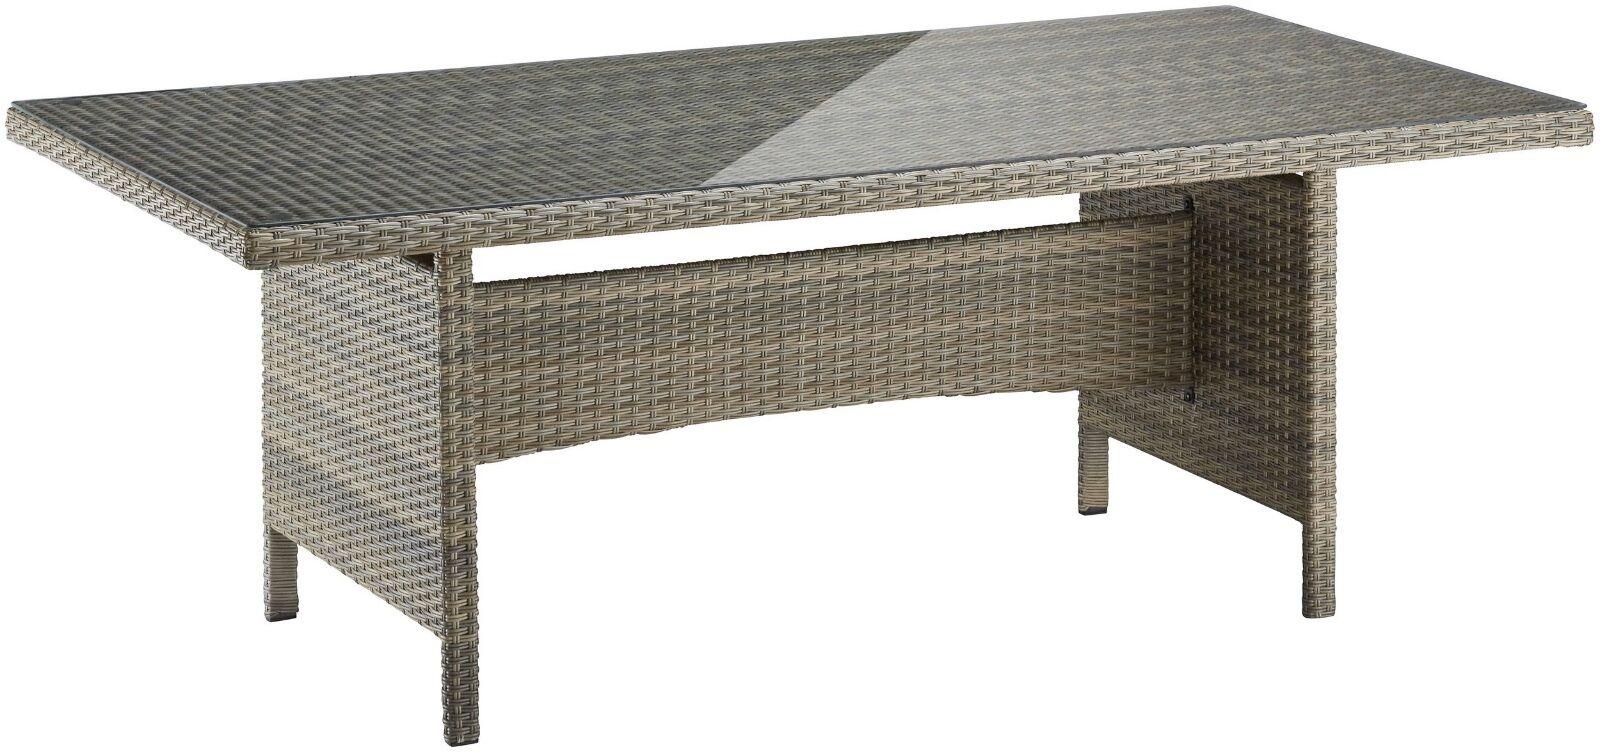 Gartentisch Esstisch Tisch Polyrattan Glasplatte Braun 7150239 Ebay